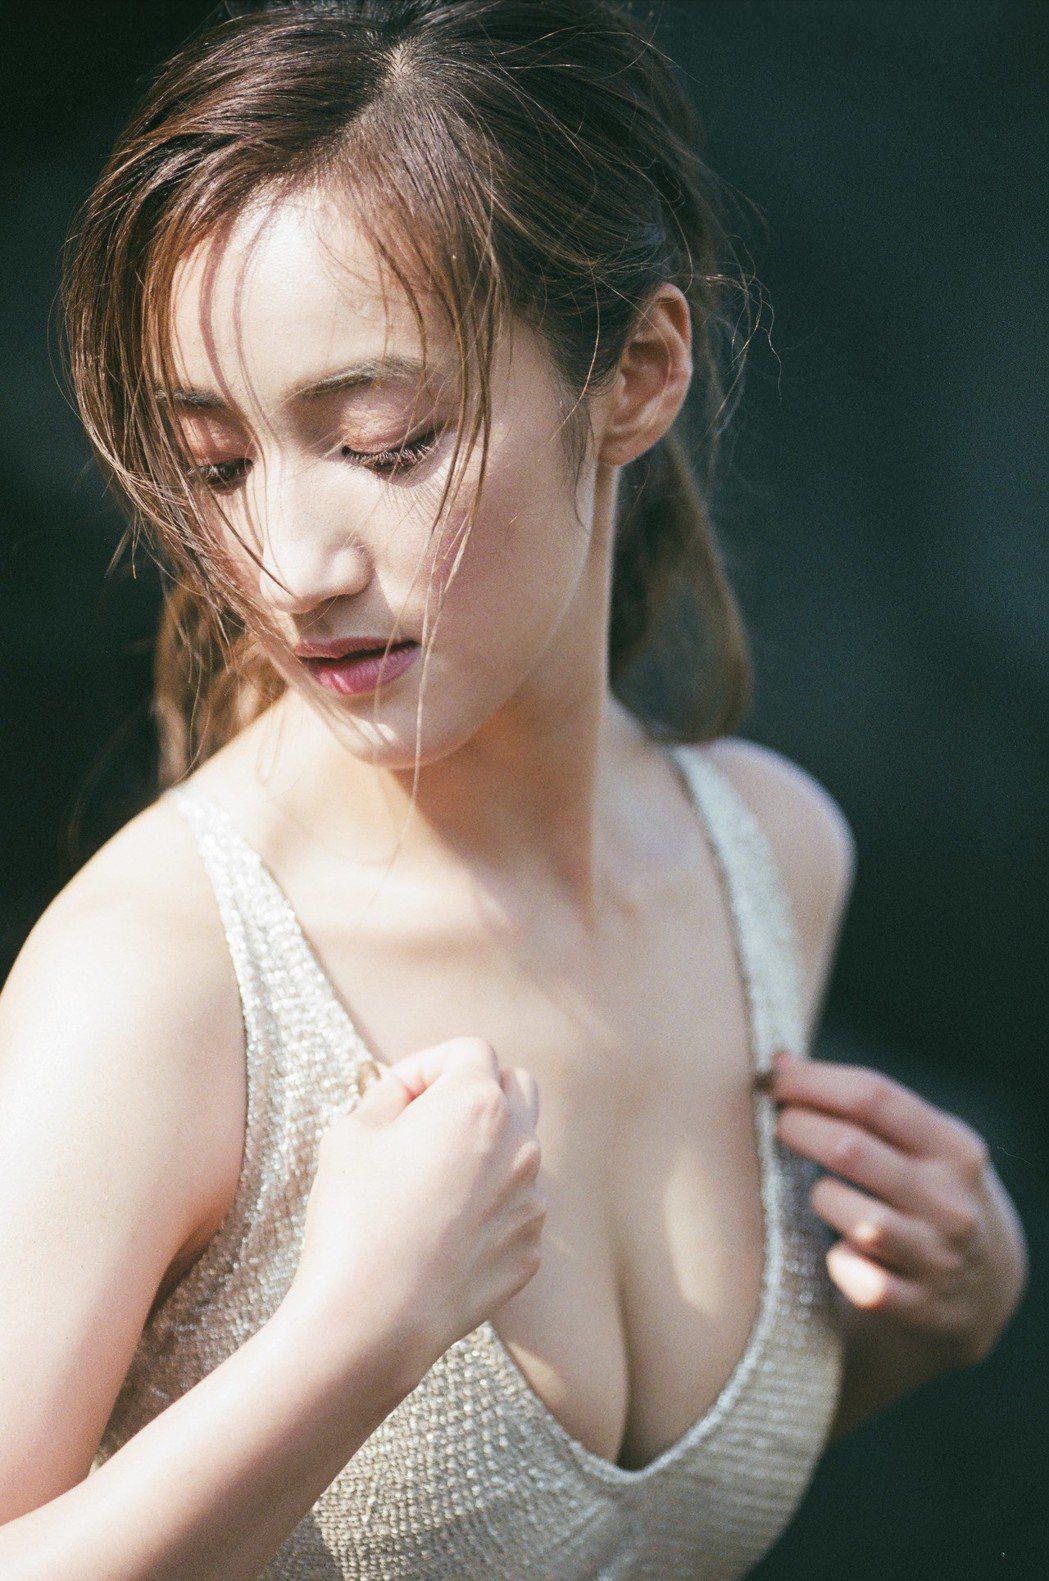 夏宇禾擁有E奶魔鬼身材。圖/GQ提供